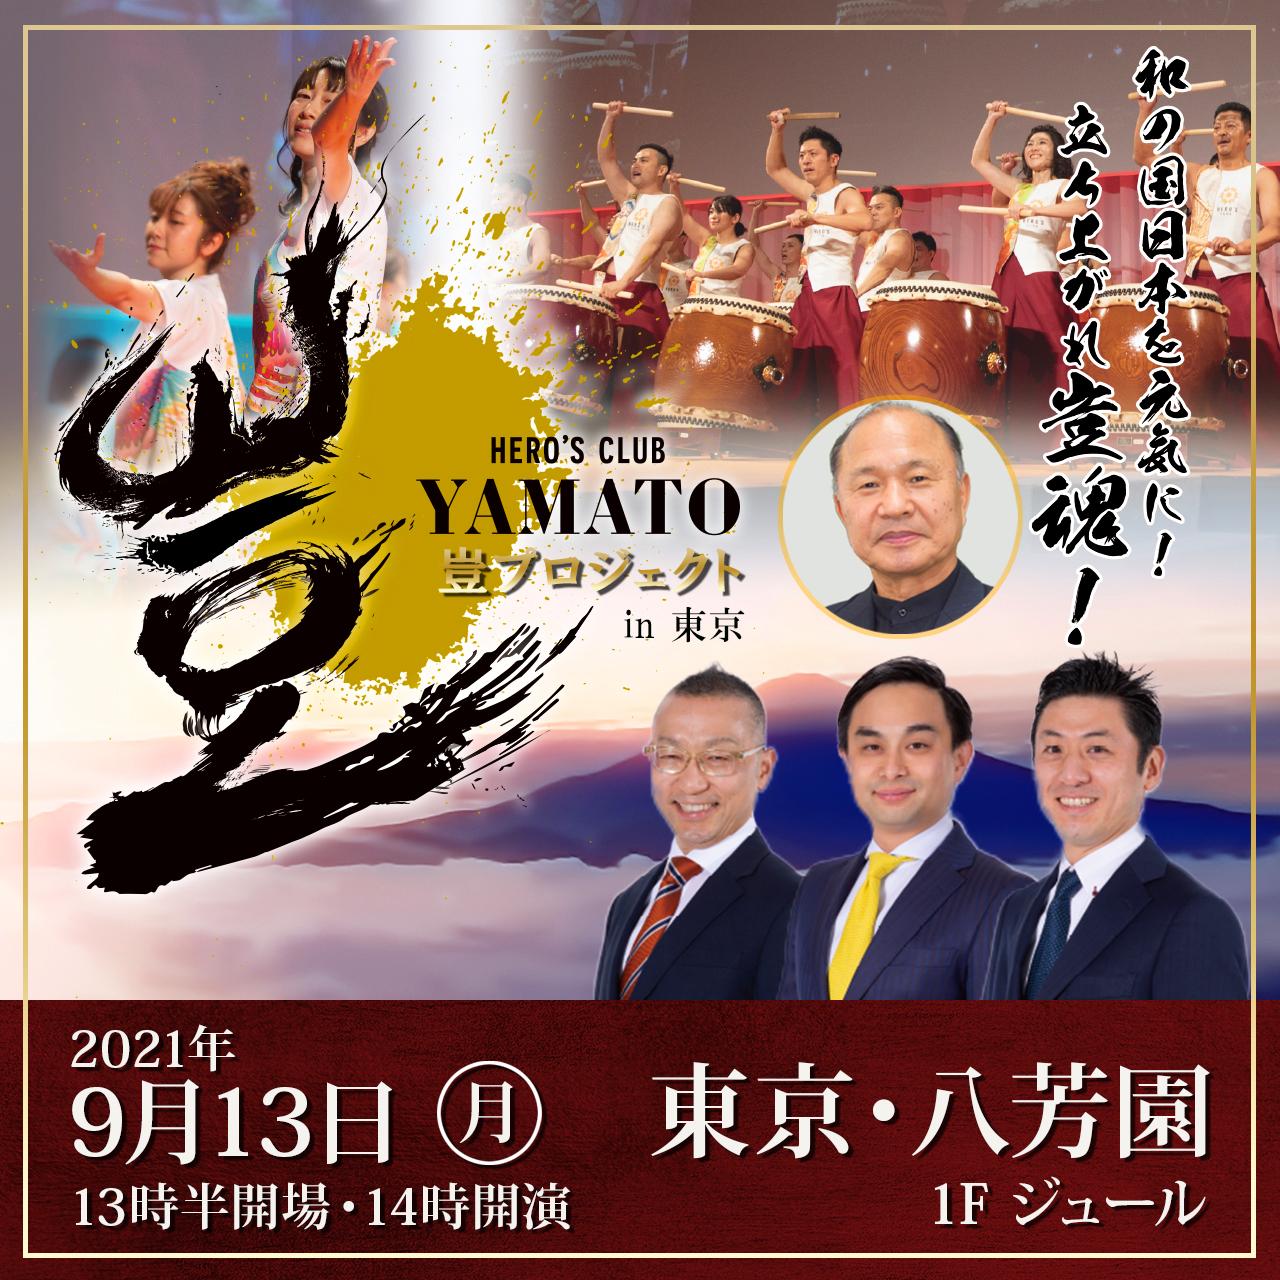 2021年9月13日 豈プロジェクト 東京公演